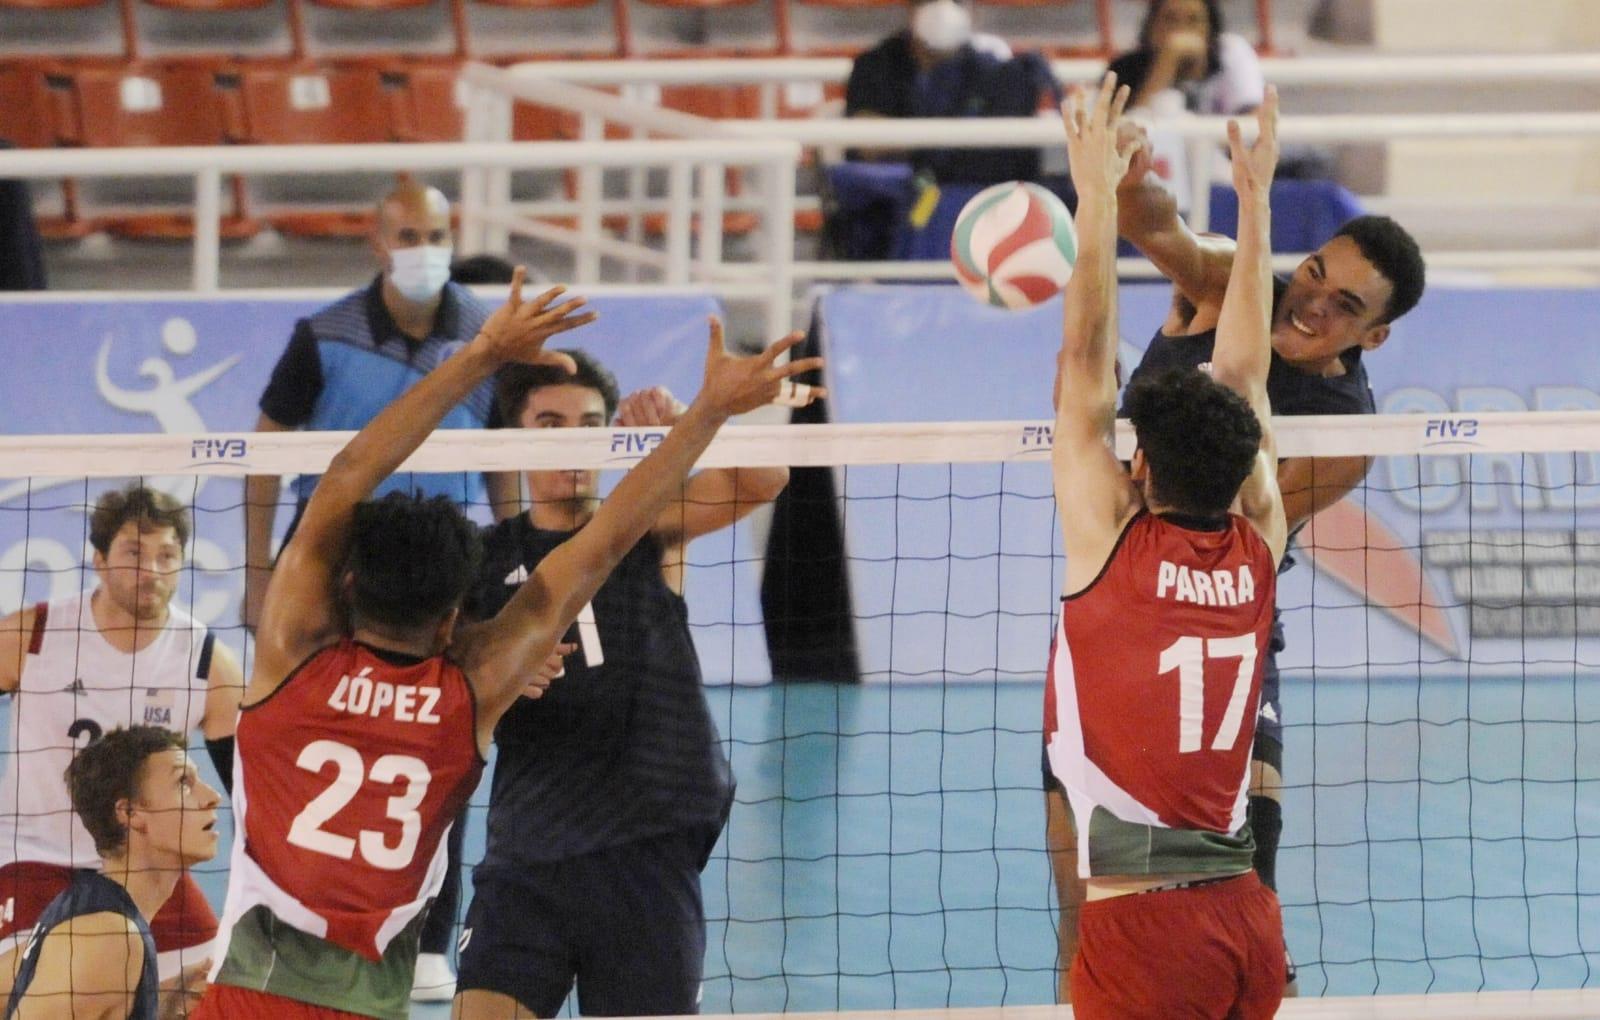 Estados Unidos dispone 3-0 sobre México; Canadá debuta con victoria